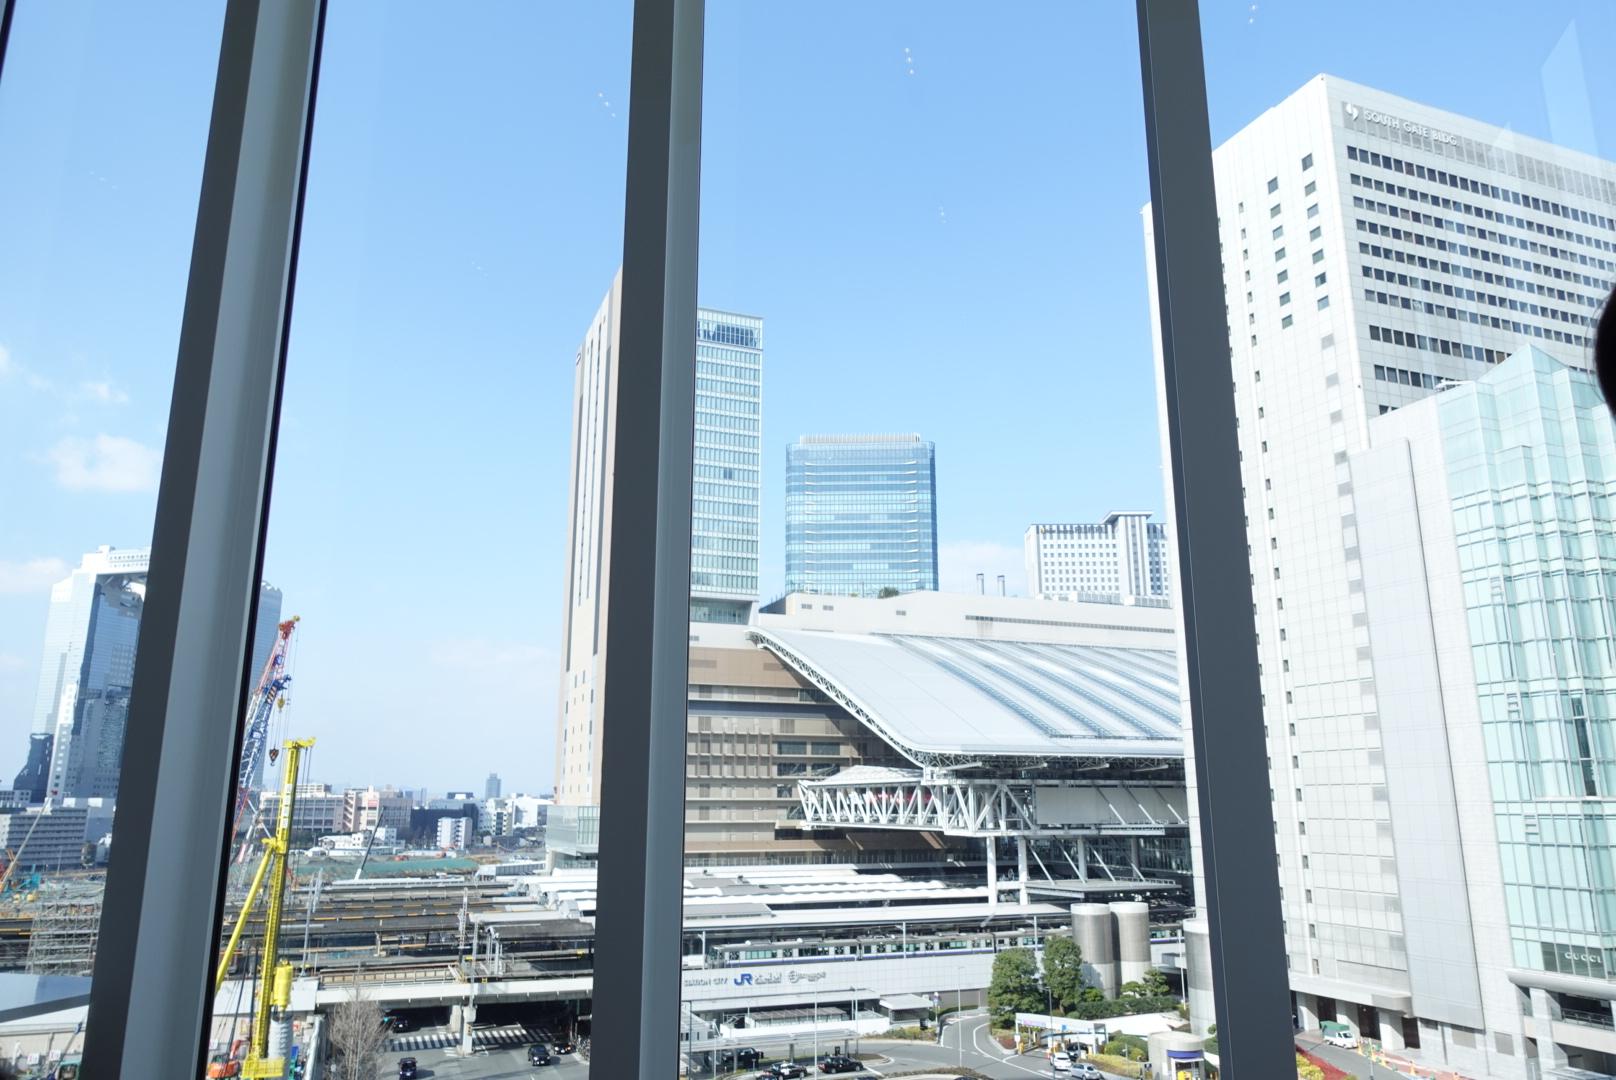 ドラマ半沢直樹のロケ地!?大阪にあるThe Grand Cafeでアフタヌーンティーをしたらとても眺望が良かった!甘いものばかりではないので男性にもおすすめ★_9